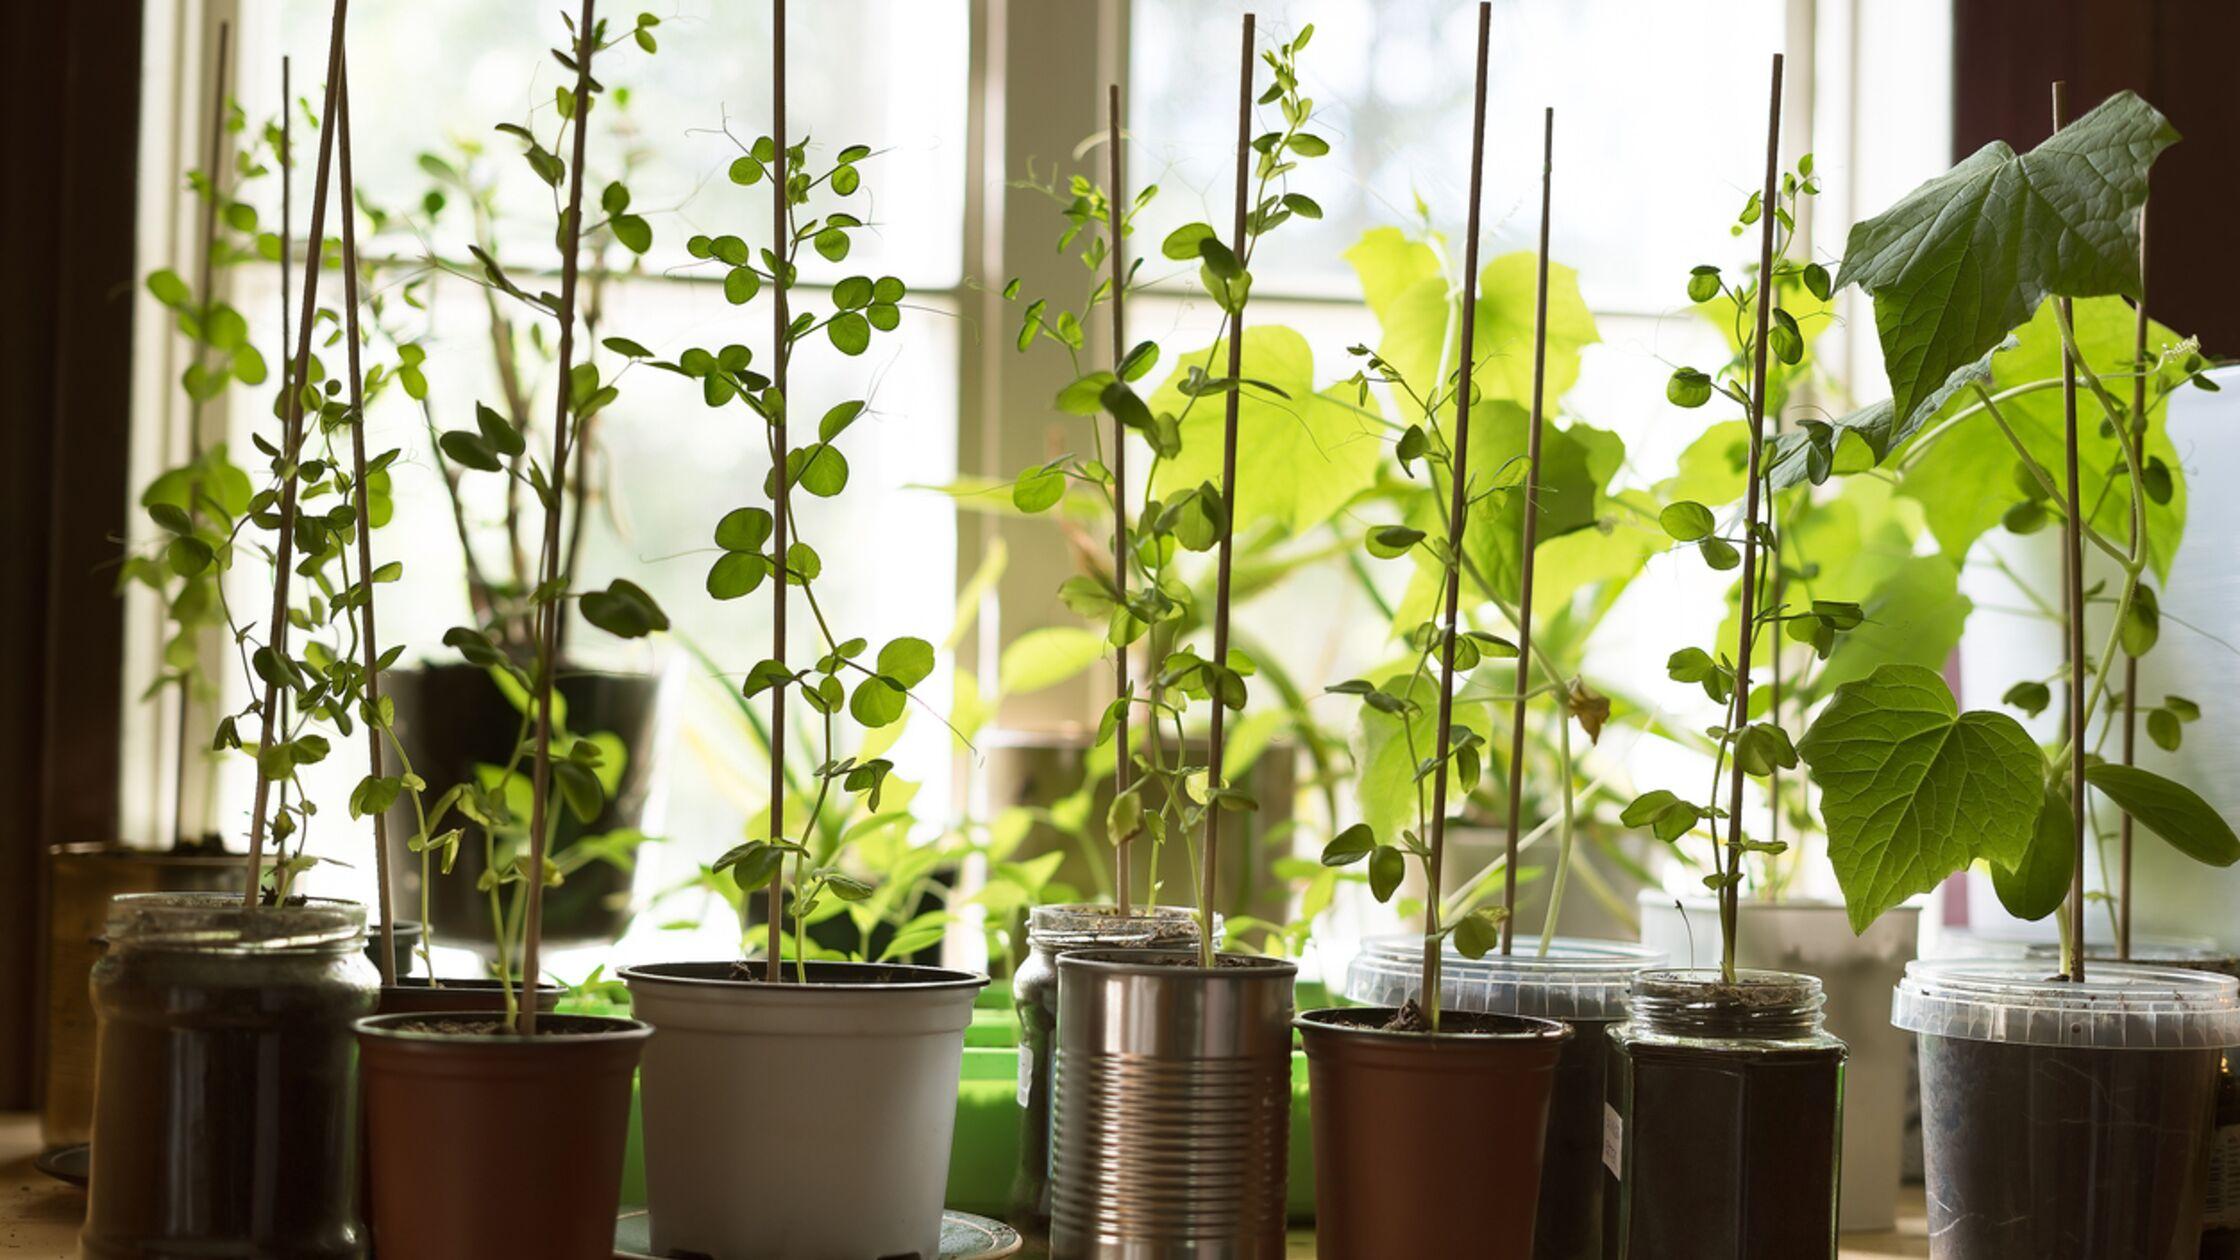 Gemüsepflanzen auf der Fensterbank